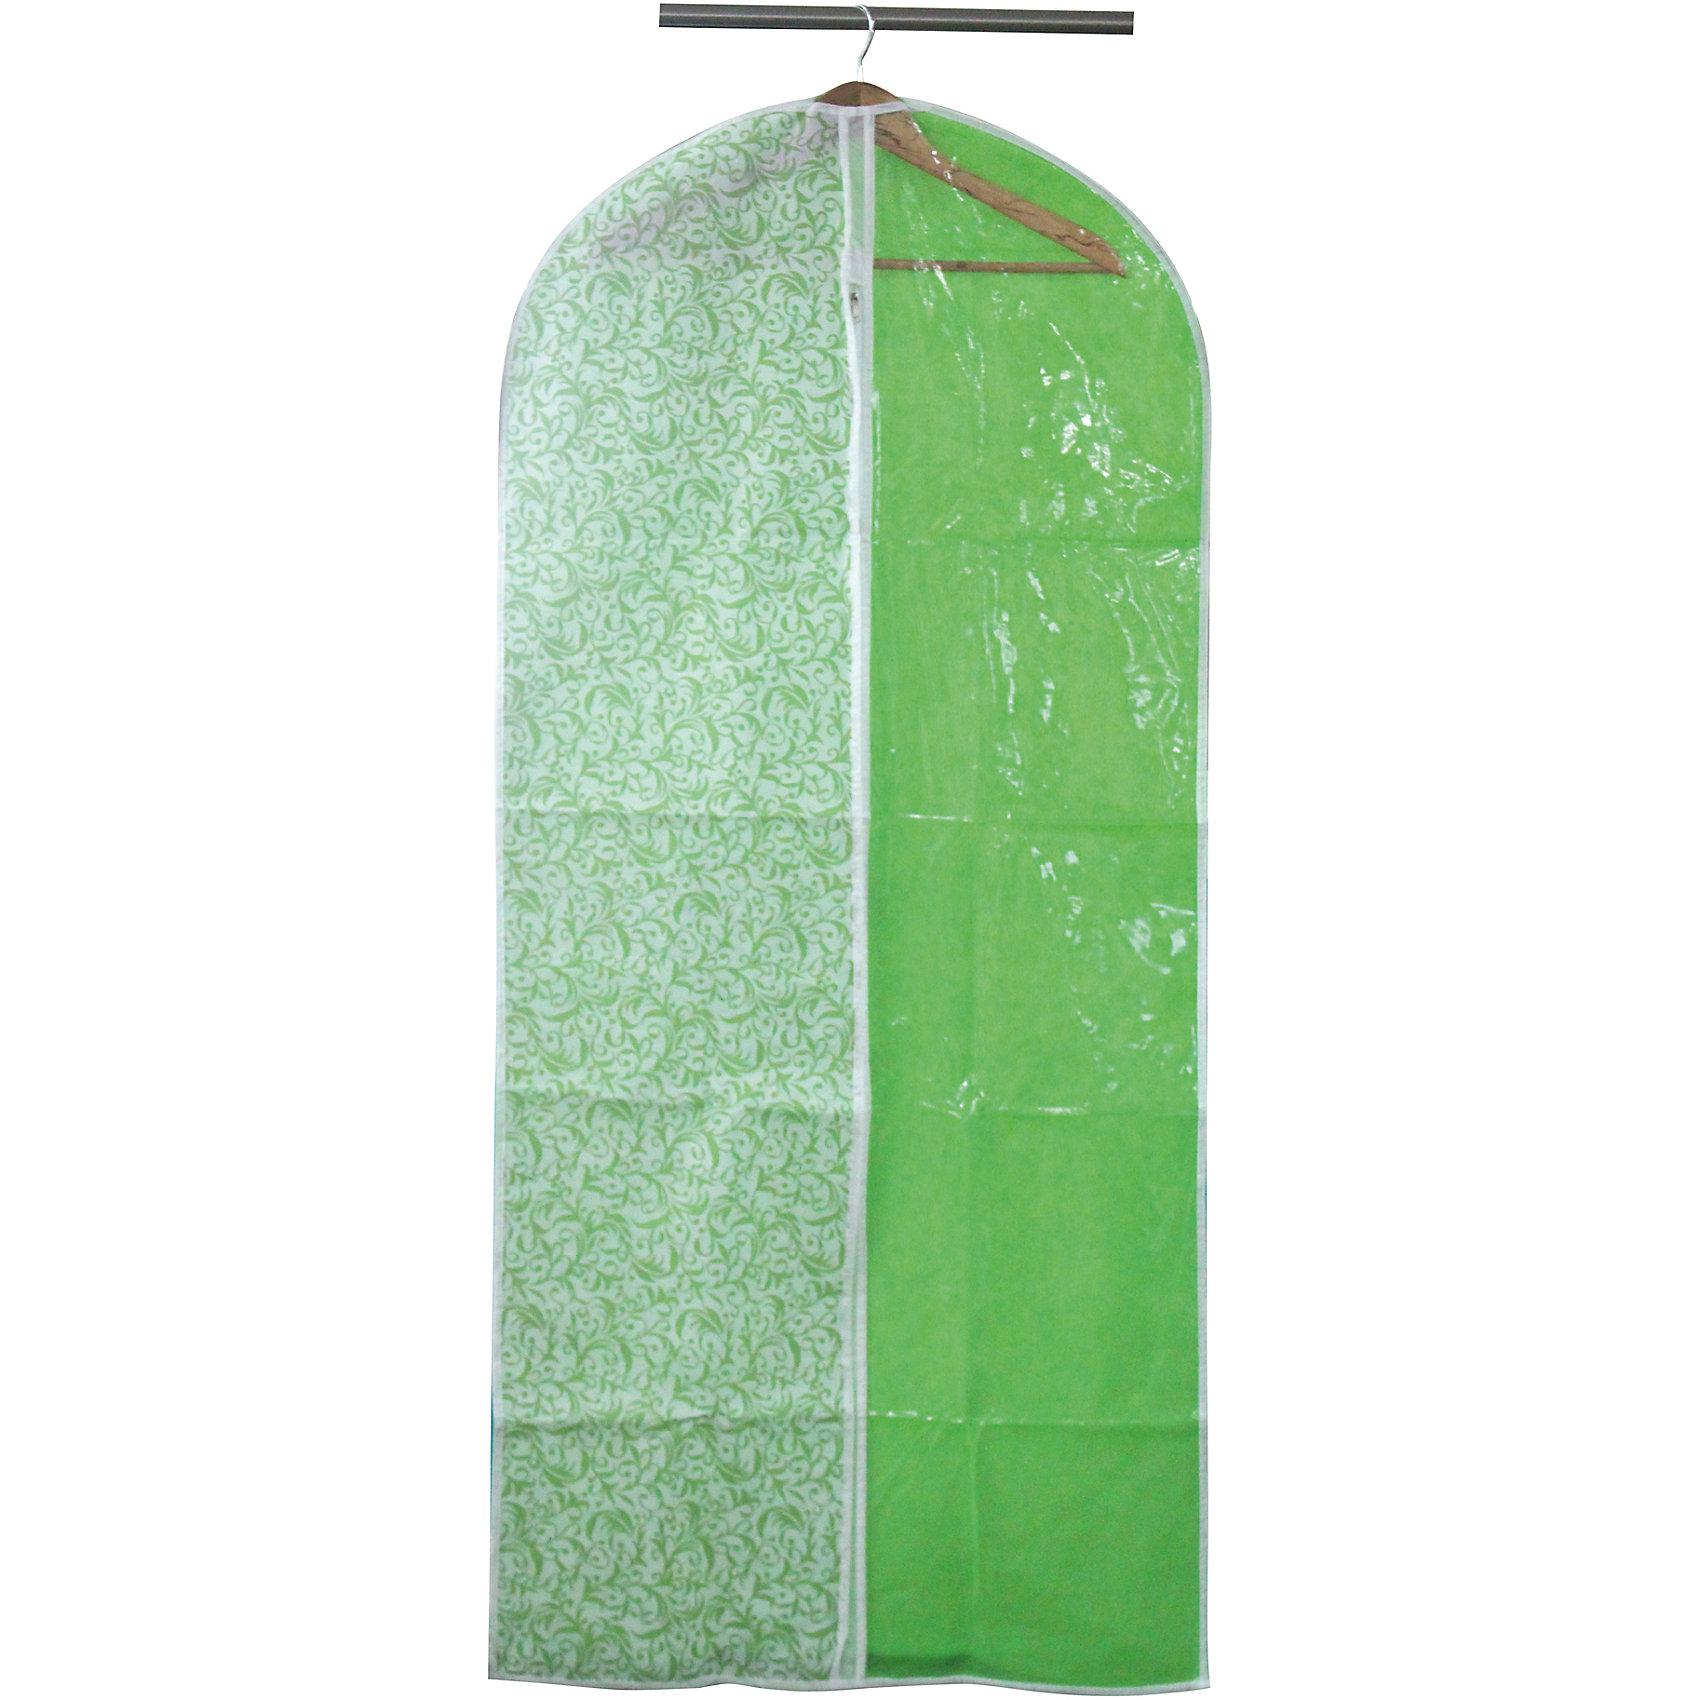 Чехол для одежды NWS-2, 60*135см, Рыжий КотПредметы интерьера<br>Коллекция «Комфорт»<br>Размер: 60*135см<br>Материал: спанбонд (плотность 75 gsm), ПВХ (прозрачное окно)<br>- Молния <br>- Прозрачное окно из ПВХ <br>- Защита от моли и насекомых<br>- Защита от пыли и различных загрязнений<br>- Пылеотталкивающий, не электризующийся материал<br>Упаковка: пакет с подвесом<br><br>Ширина мм: 340<br>Глубина мм: 225<br>Высота мм: 25<br>Вес г: 175<br>Возраст от месяцев: 36<br>Возраст до месяцев: 1080<br>Пол: Унисекс<br>Возраст: Детский<br>SKU: 4288579